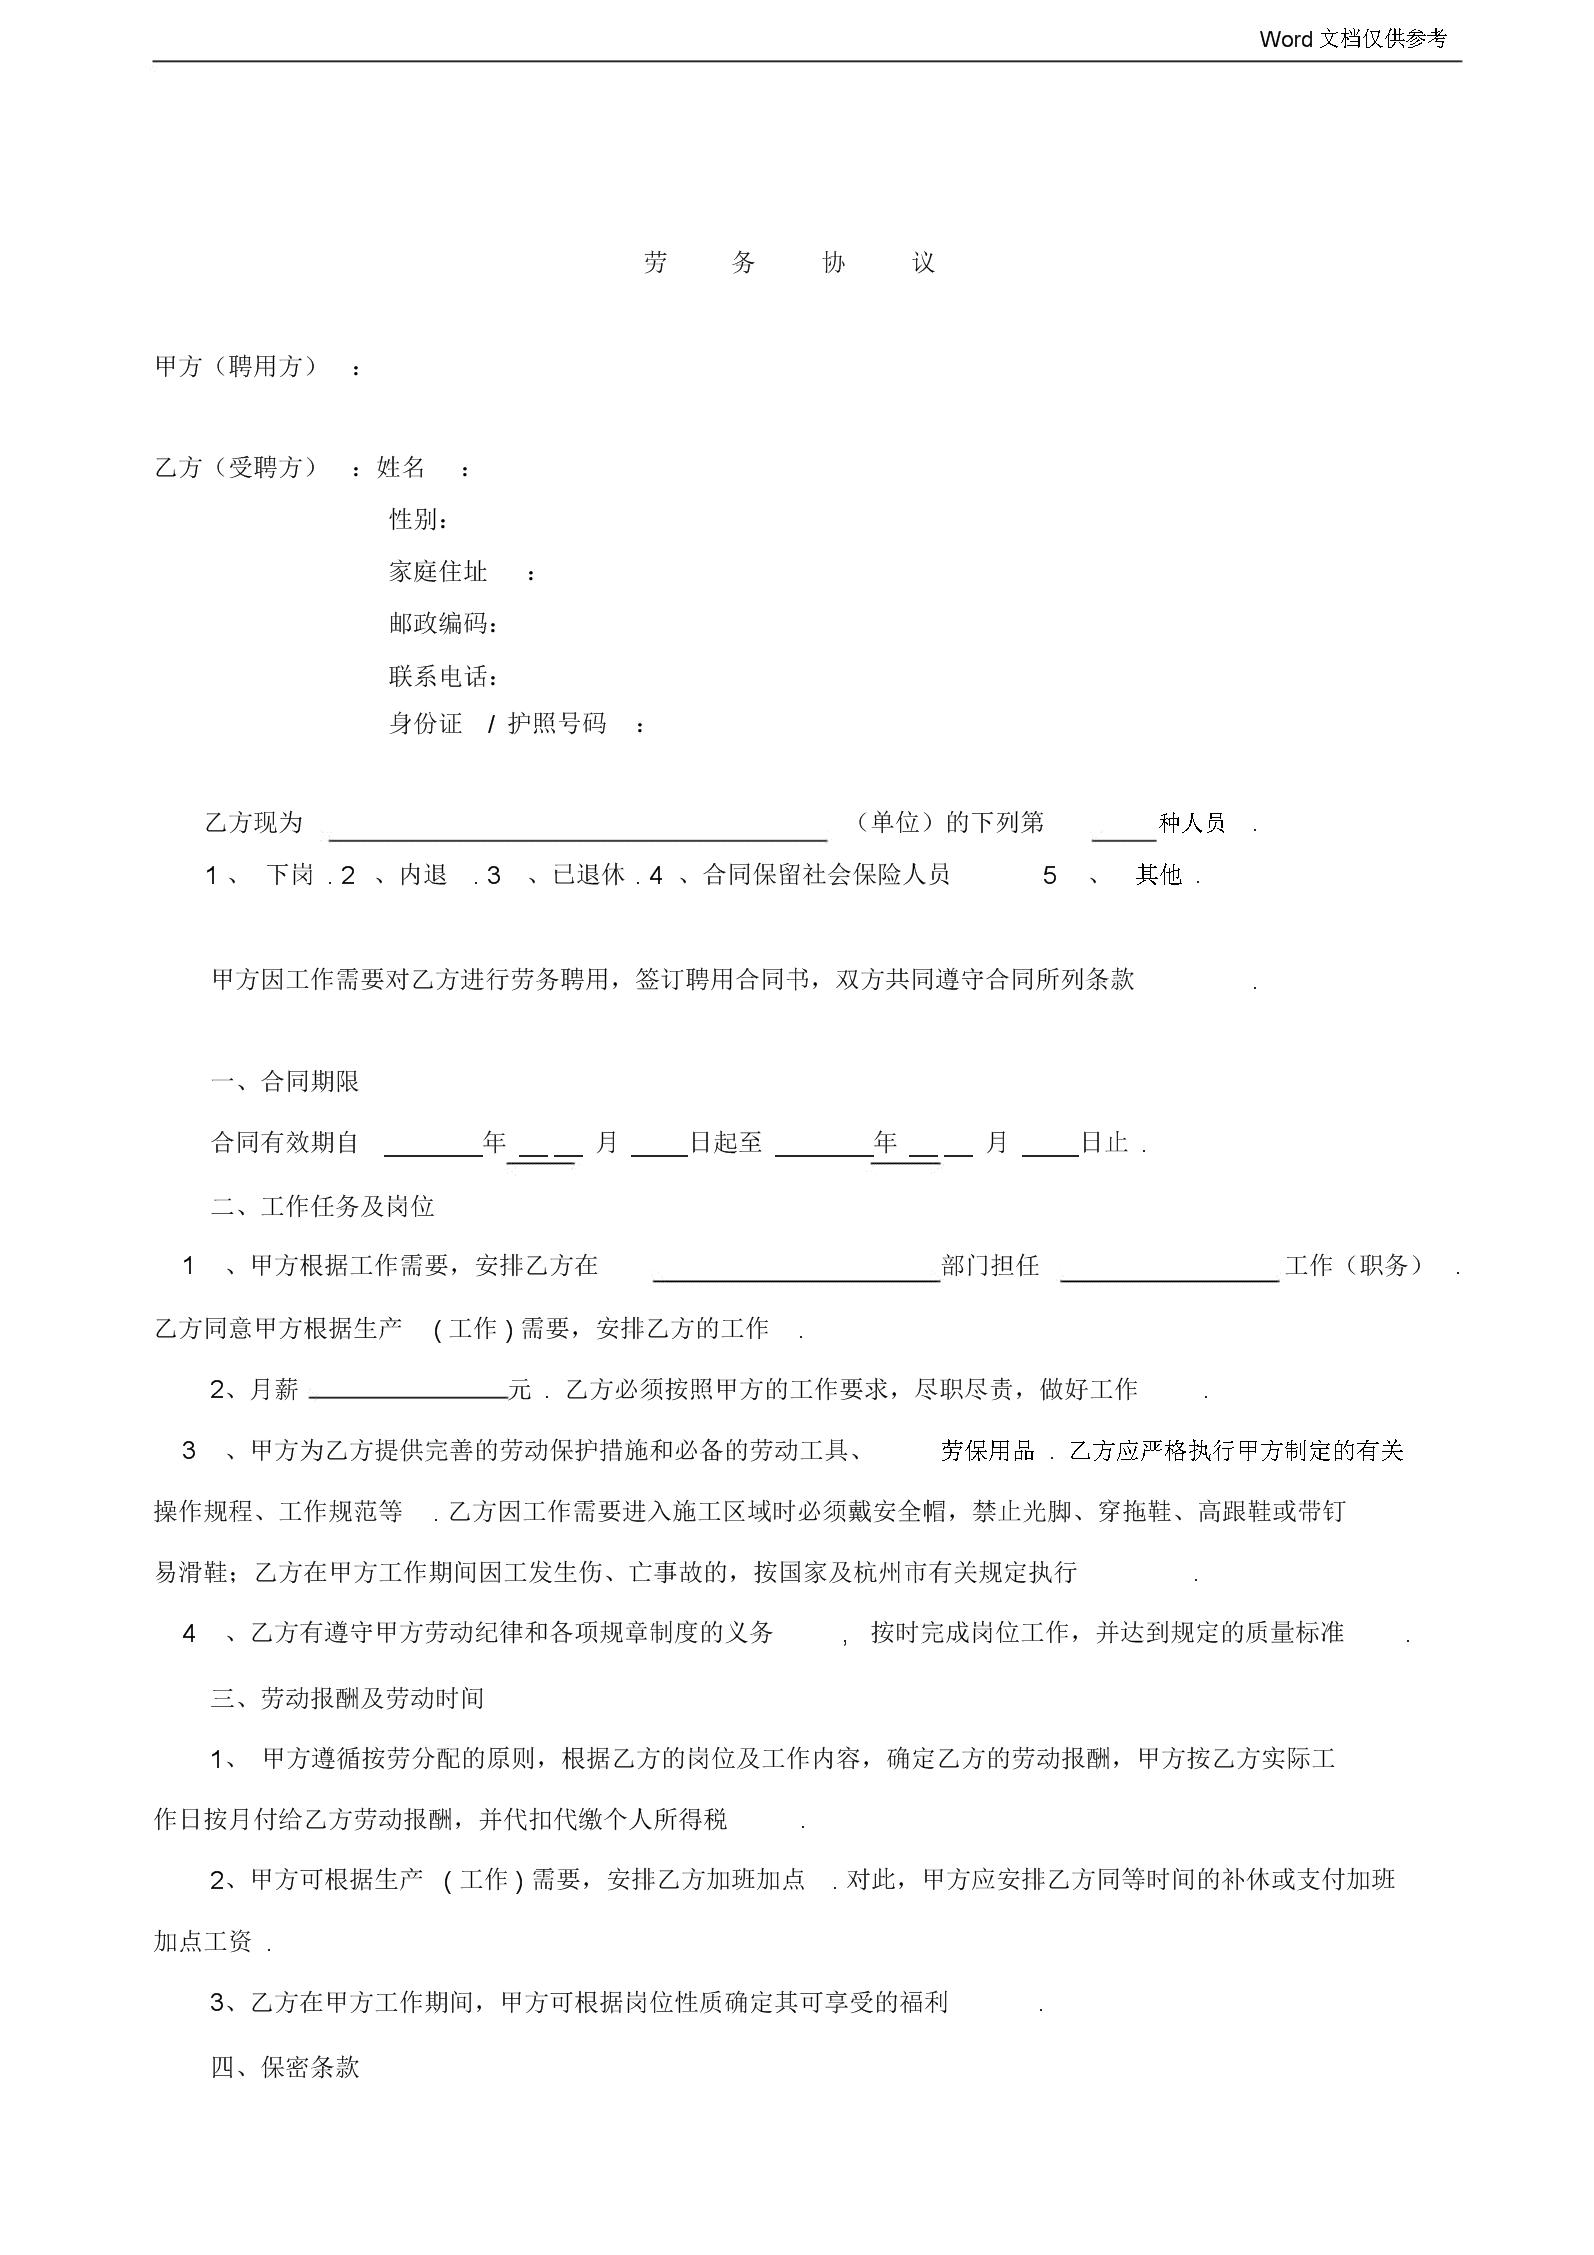 退休返聘劳务合同模板.doc